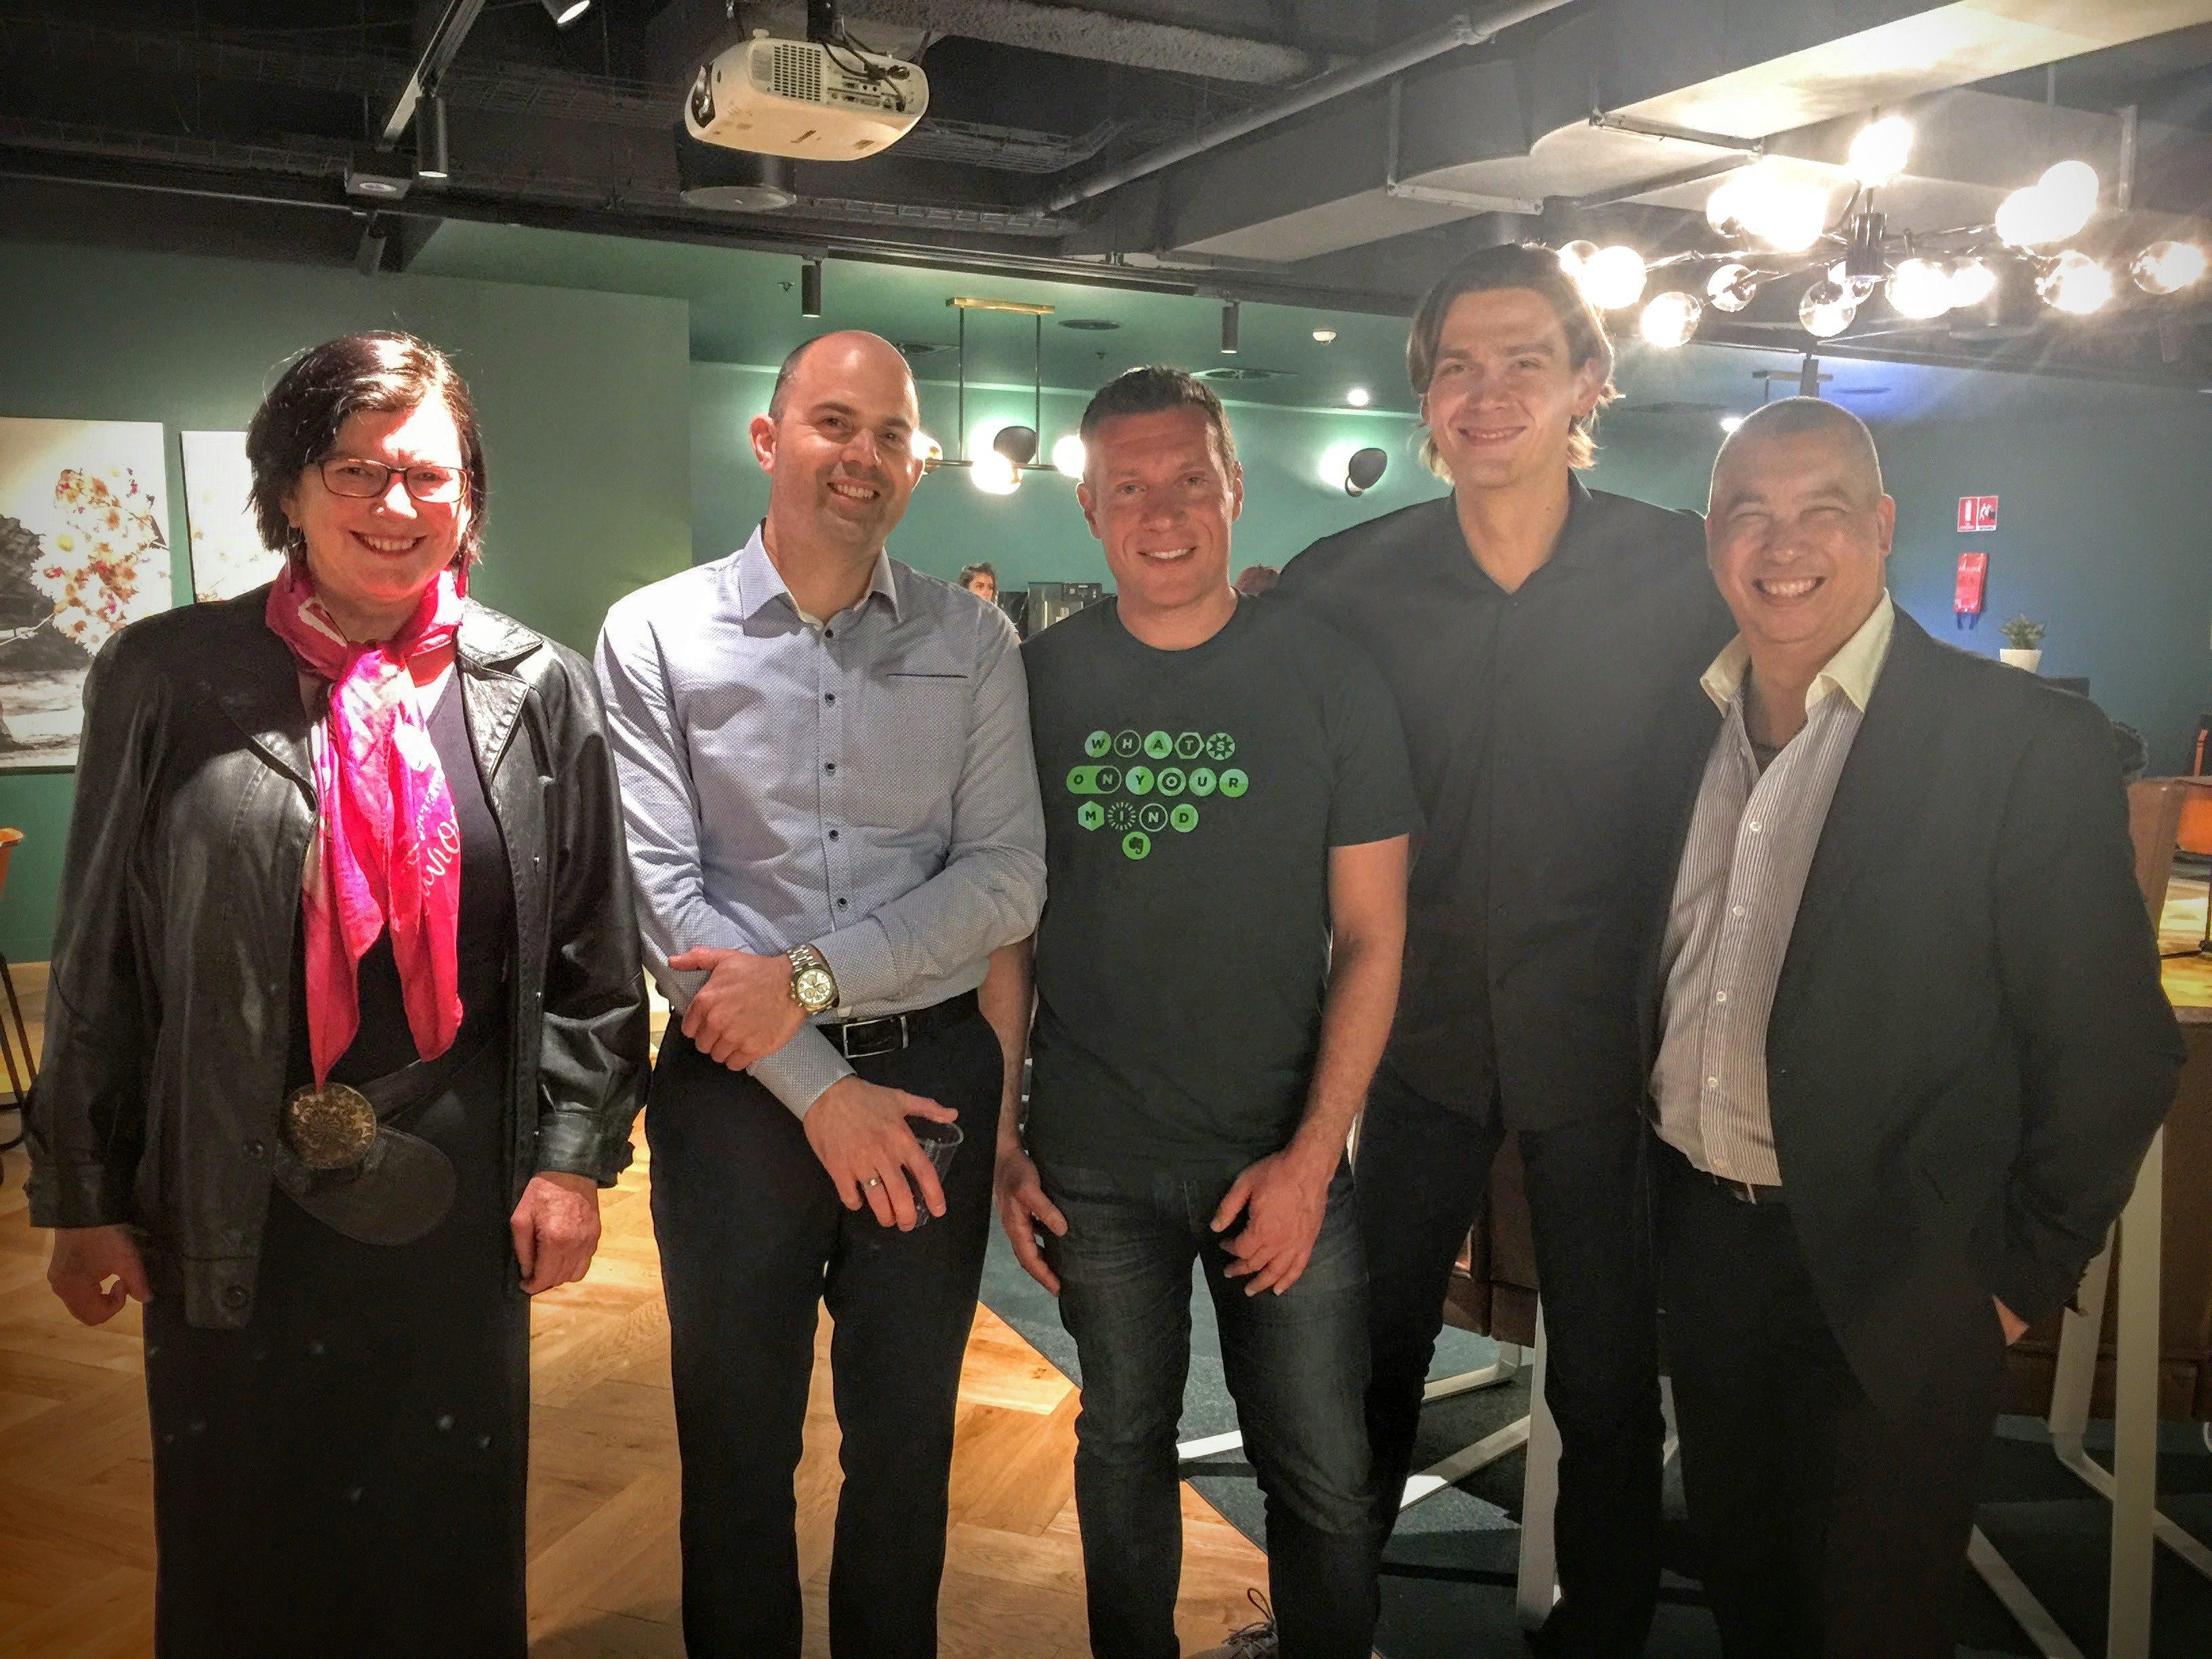 Speakers Helen Crozier, Maxime Groenewoud, Josh Zerkel, Stas Svamin, and Ivor Lok in Sydney